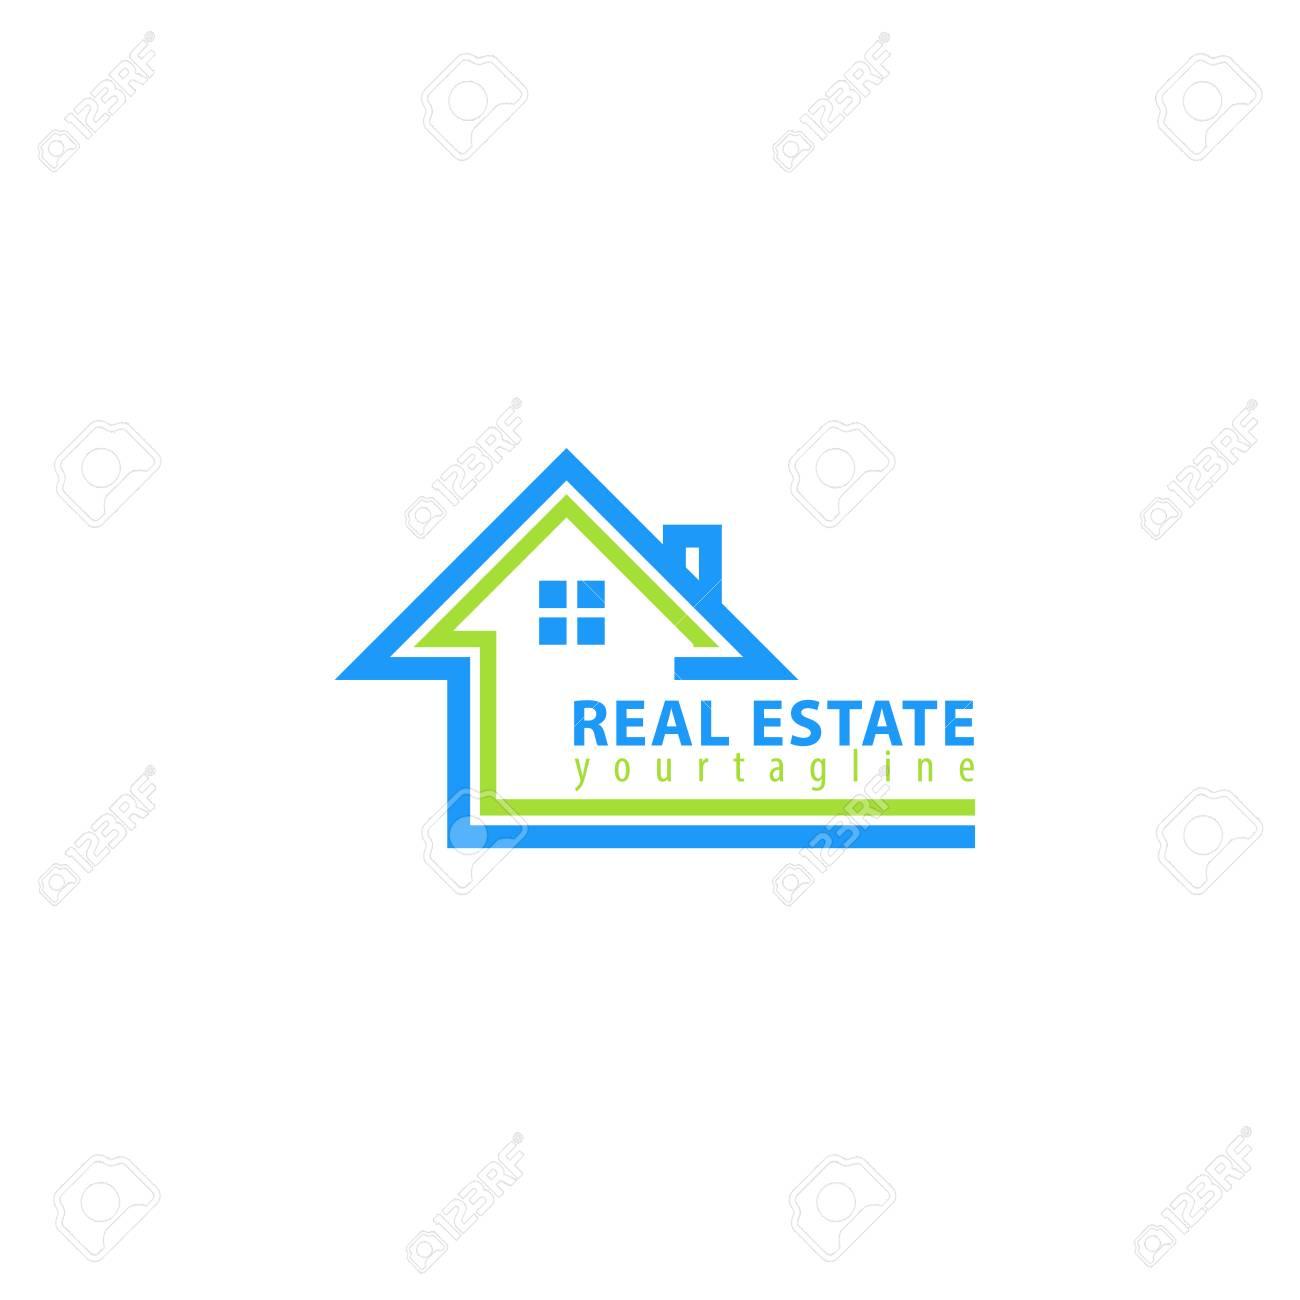 Real estate. Vector logo template - 108329394